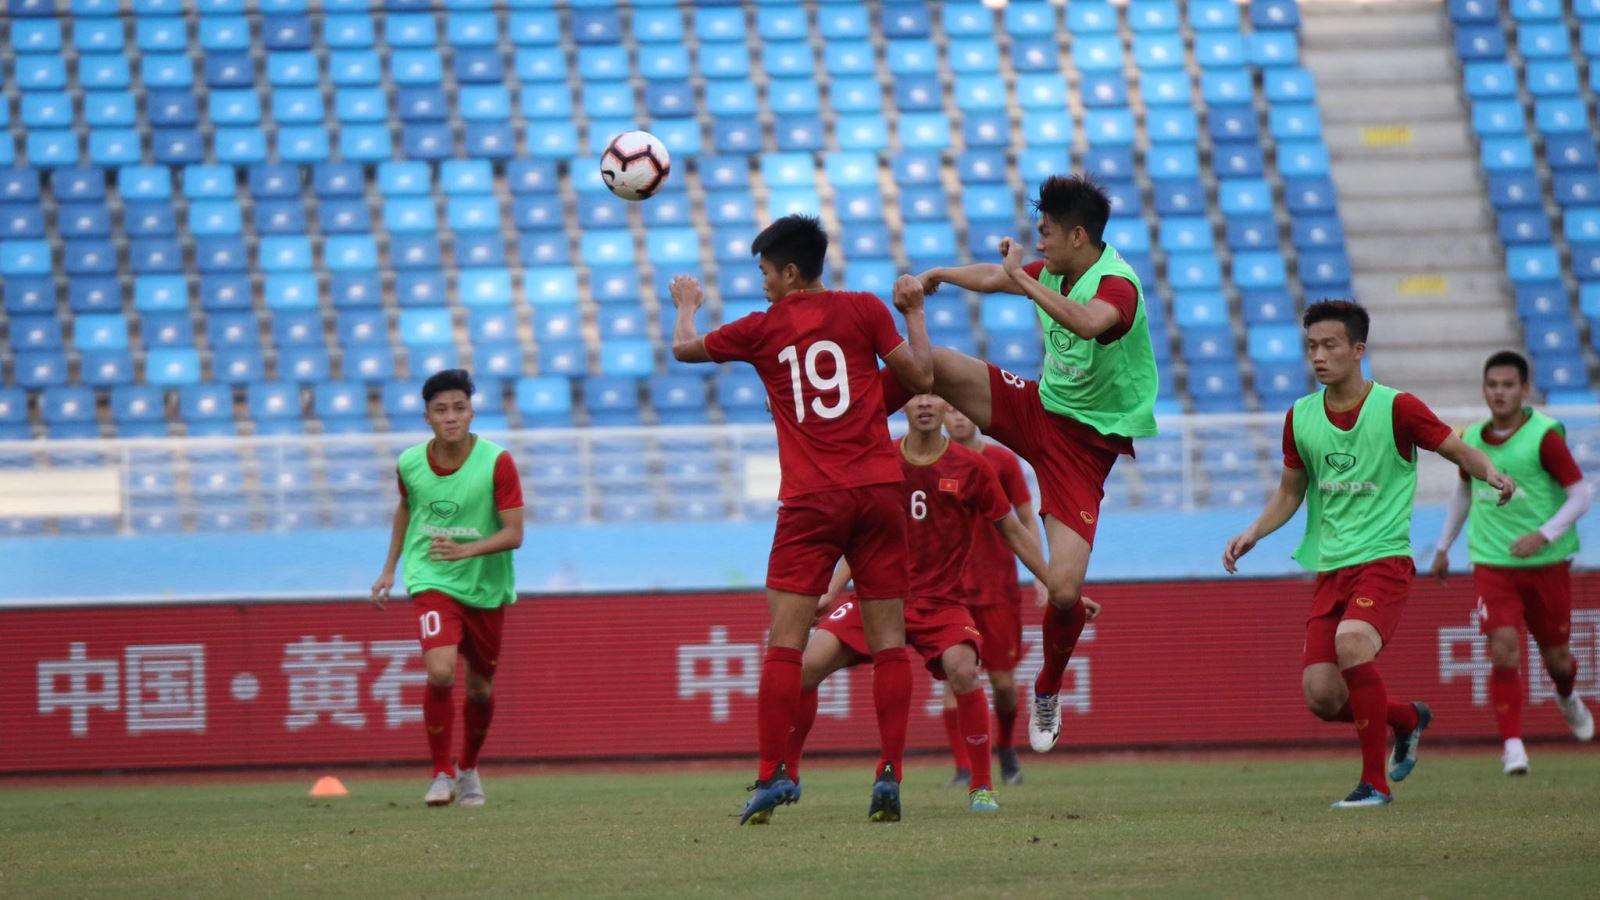 tin tuc, lich truc tiep bong da, lịch thi đấu U22 Việt Nam vs U22 Trung Quốc, VTV6, VTV5, VTC1, VTC3, trực tiếp bóng đá, U22 Trung Quốc Việt Nam, xem bóng đá trực tuyến